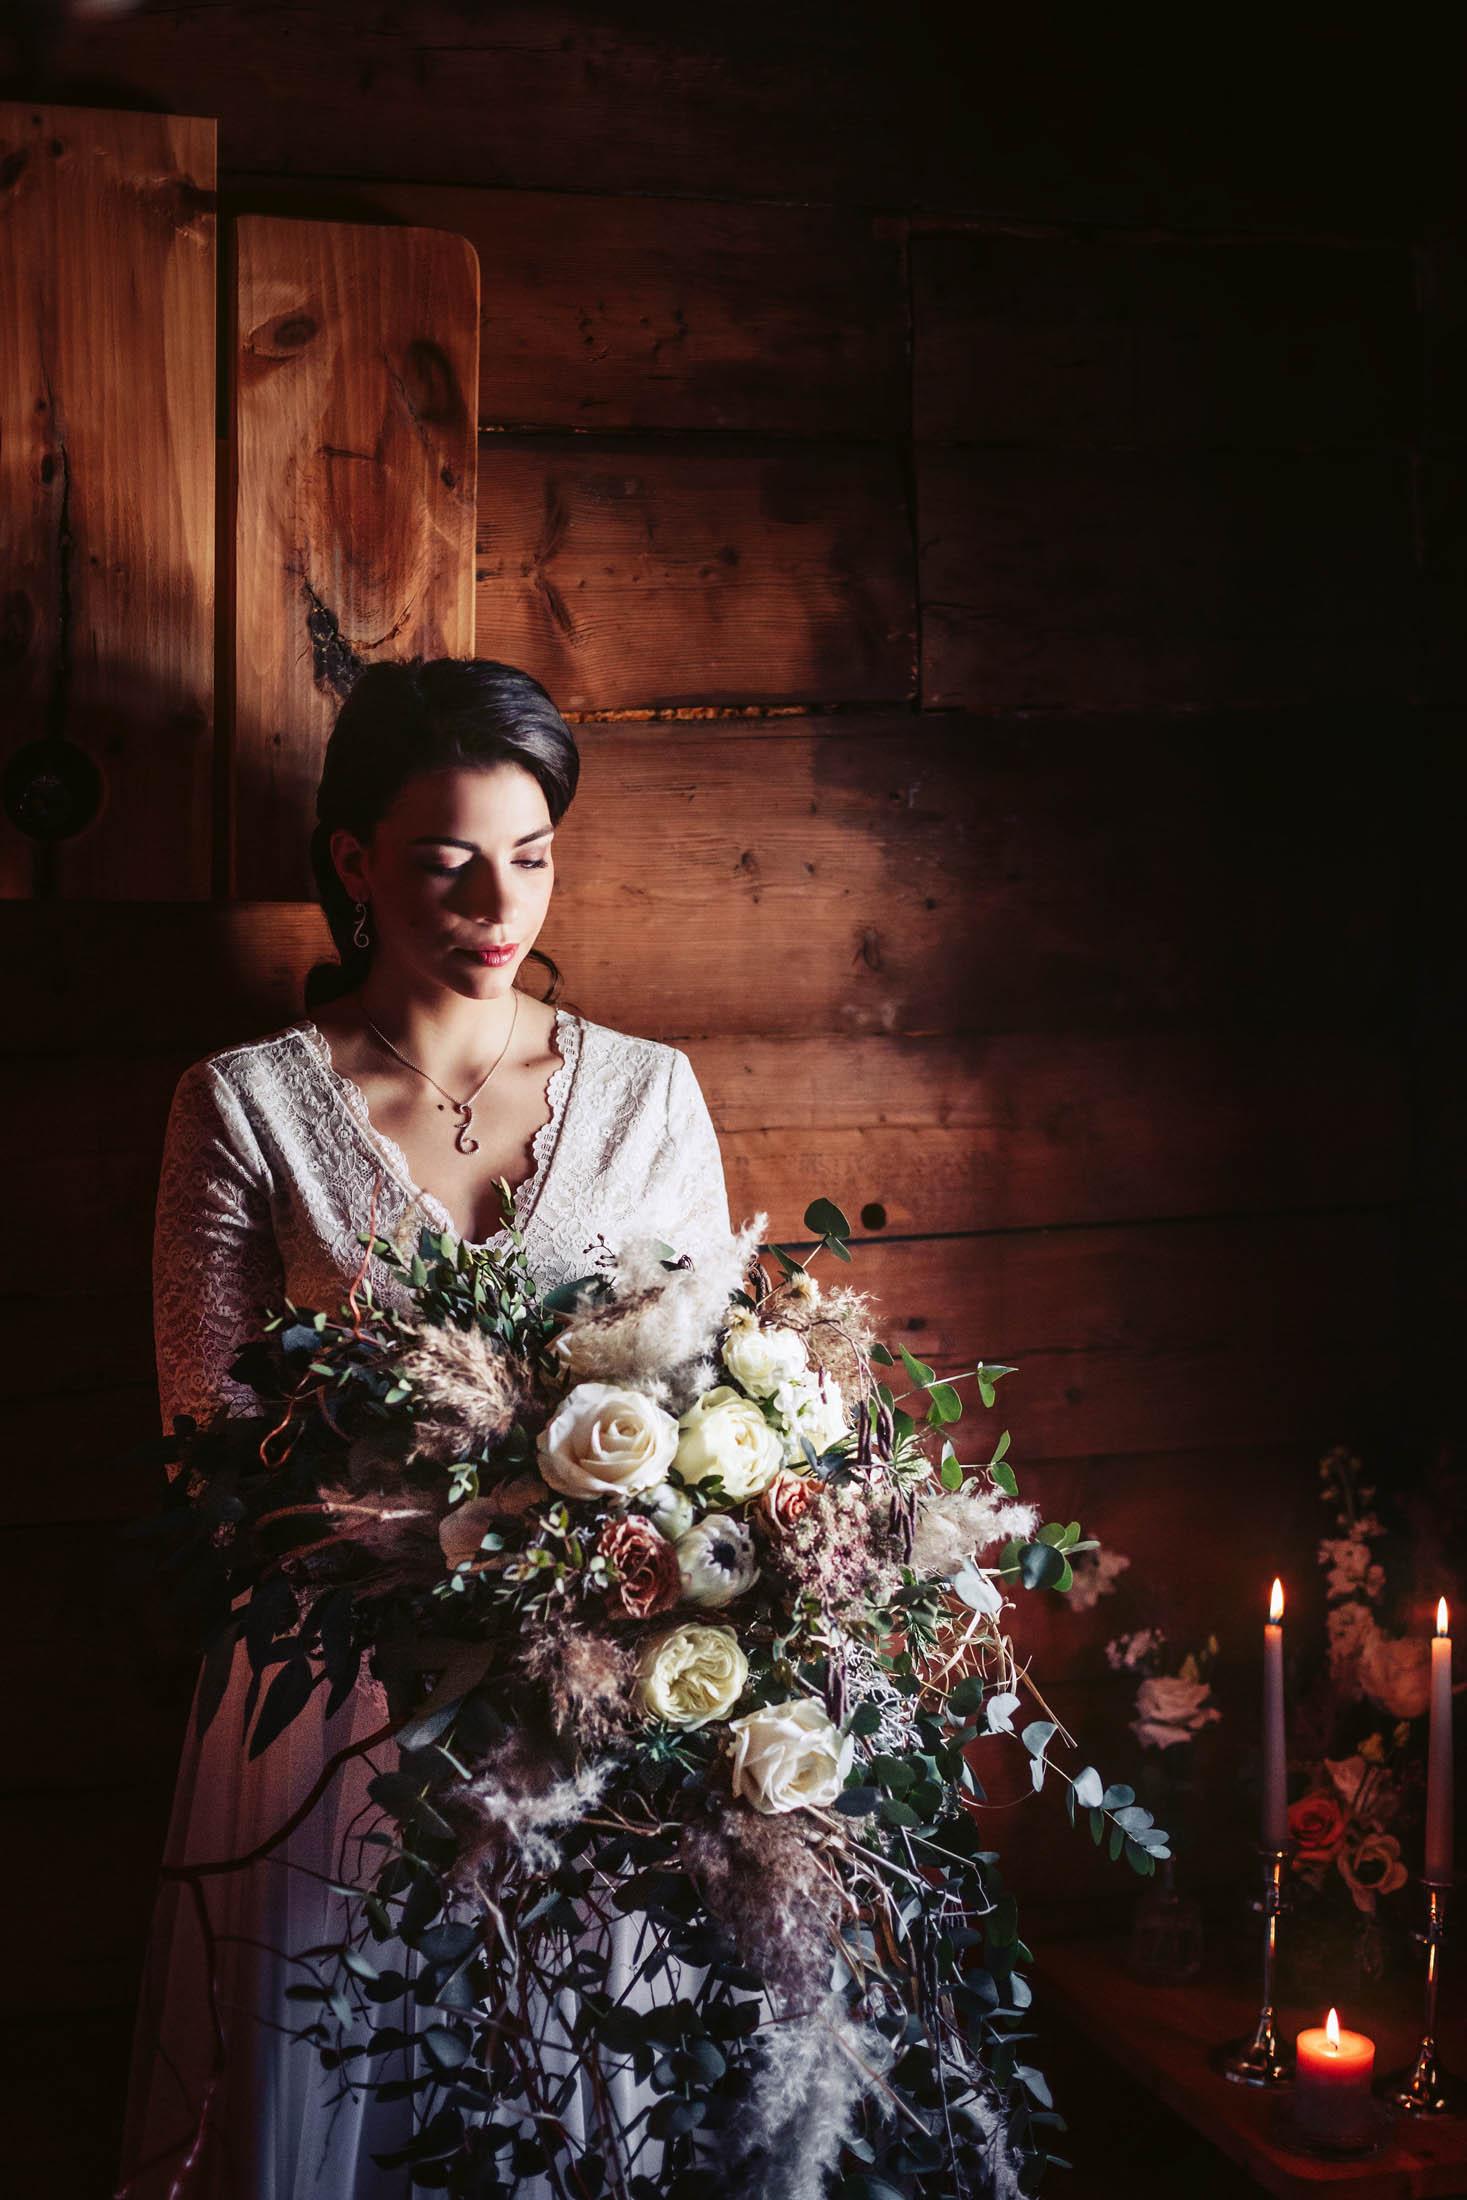 Brautstyling | Hochzeits-Make-up & Frisur Vorarlberg